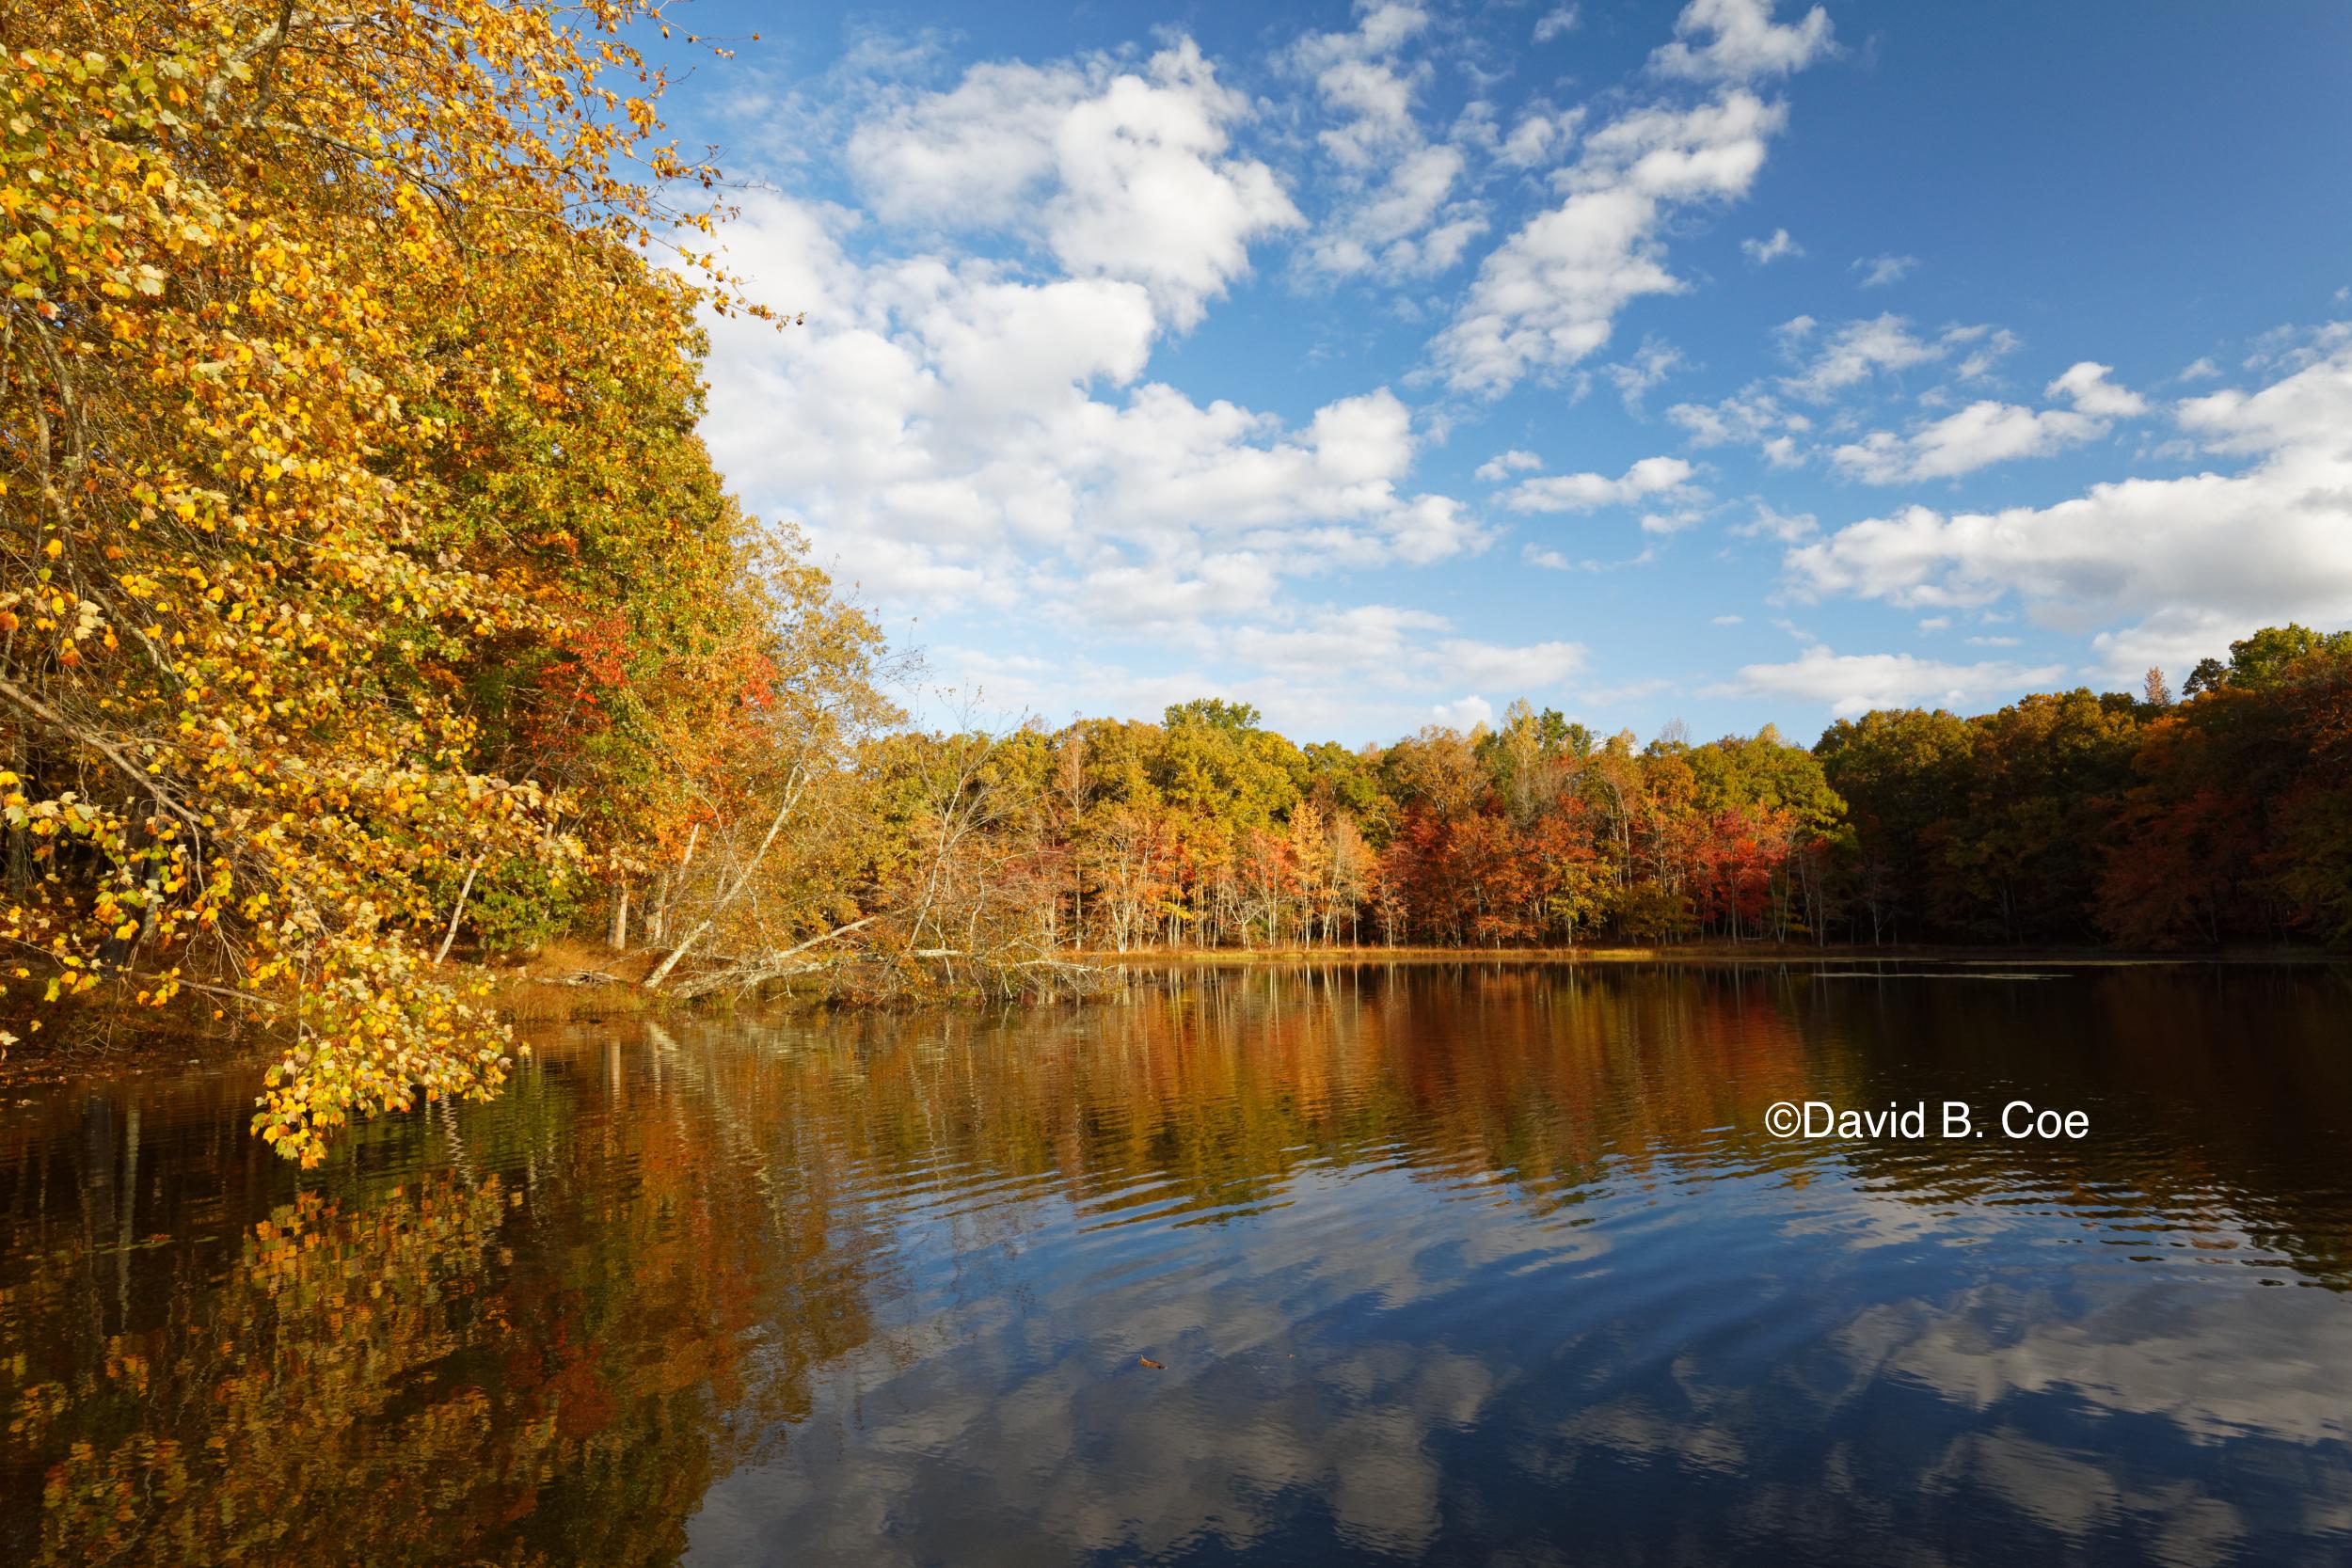 Foliage Reflections, Lake Dimmick (Wide Angle), by David B. Coe